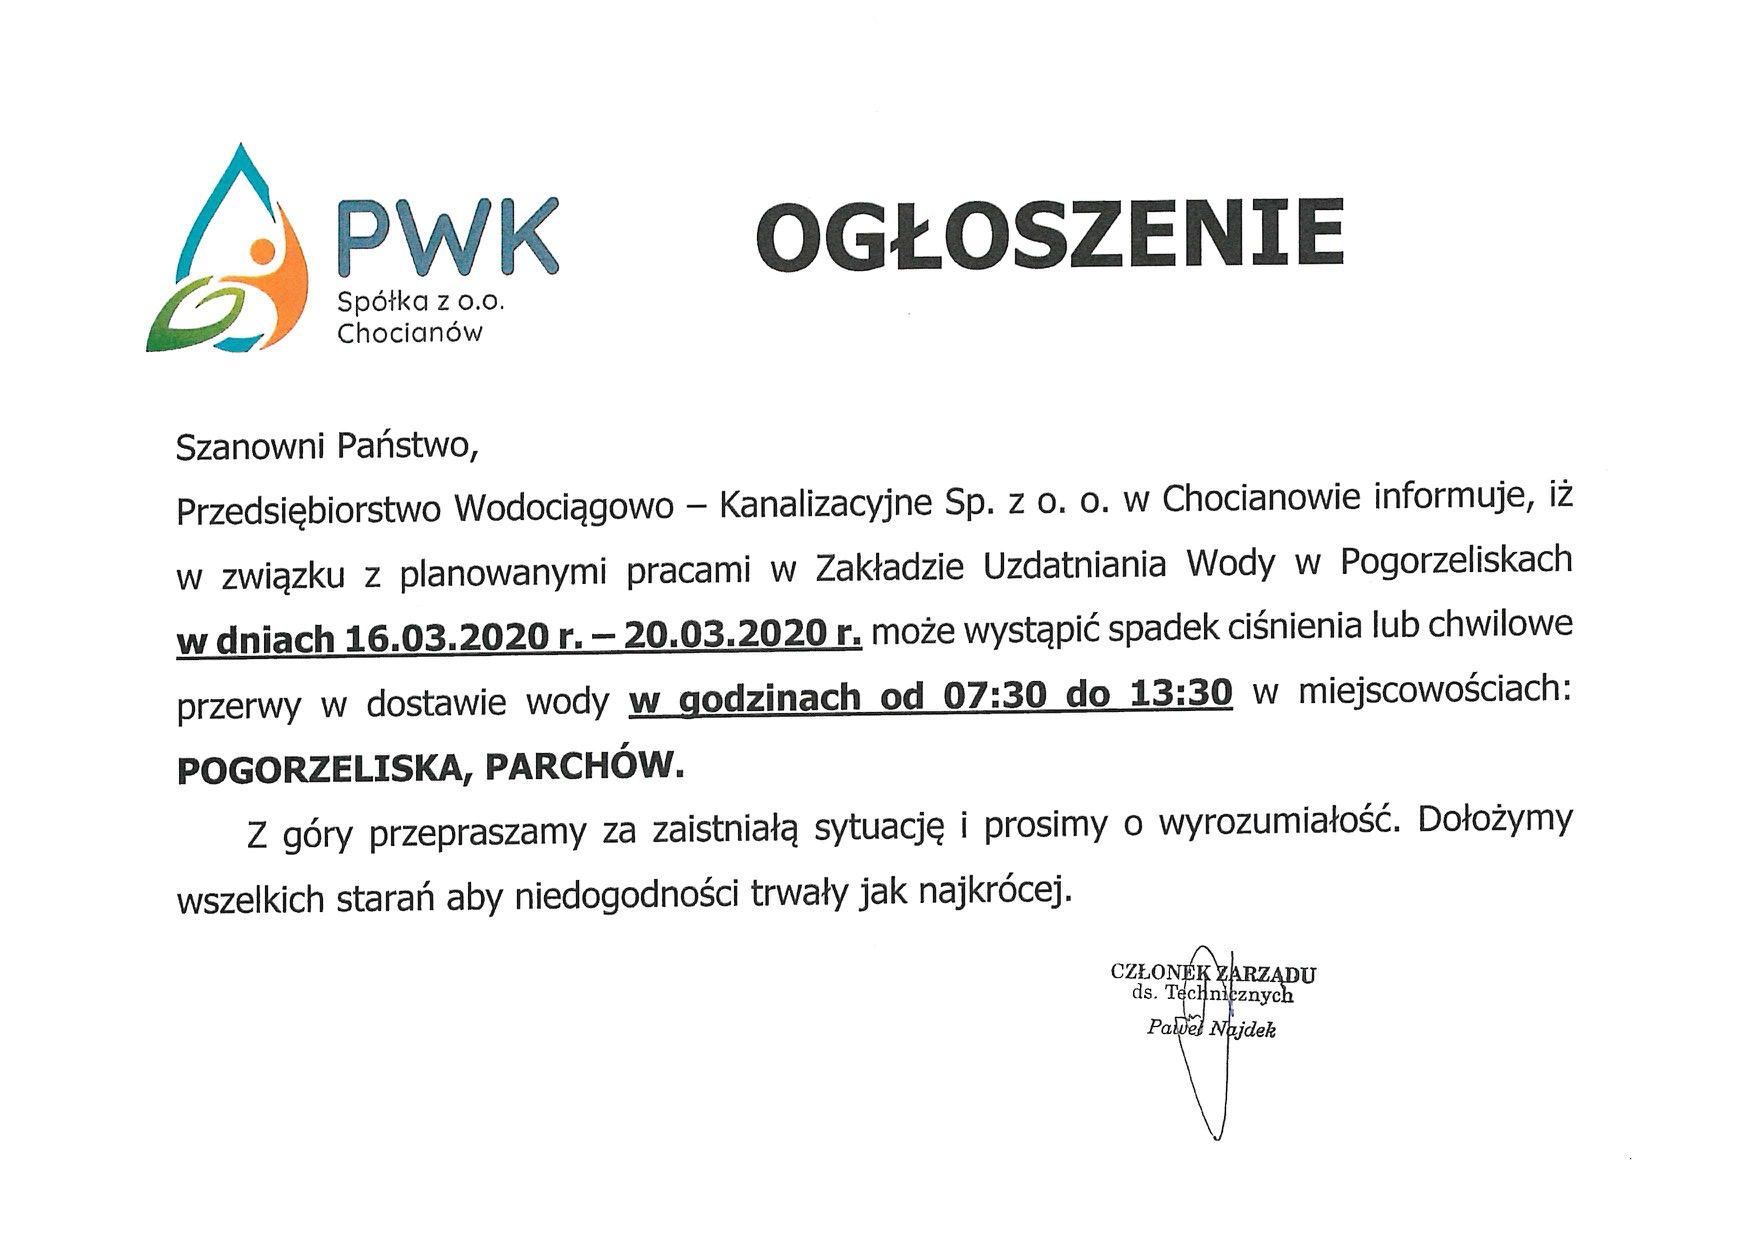 Możliwe kłopoty z wodą w Pogorzeliskach i Parchowie